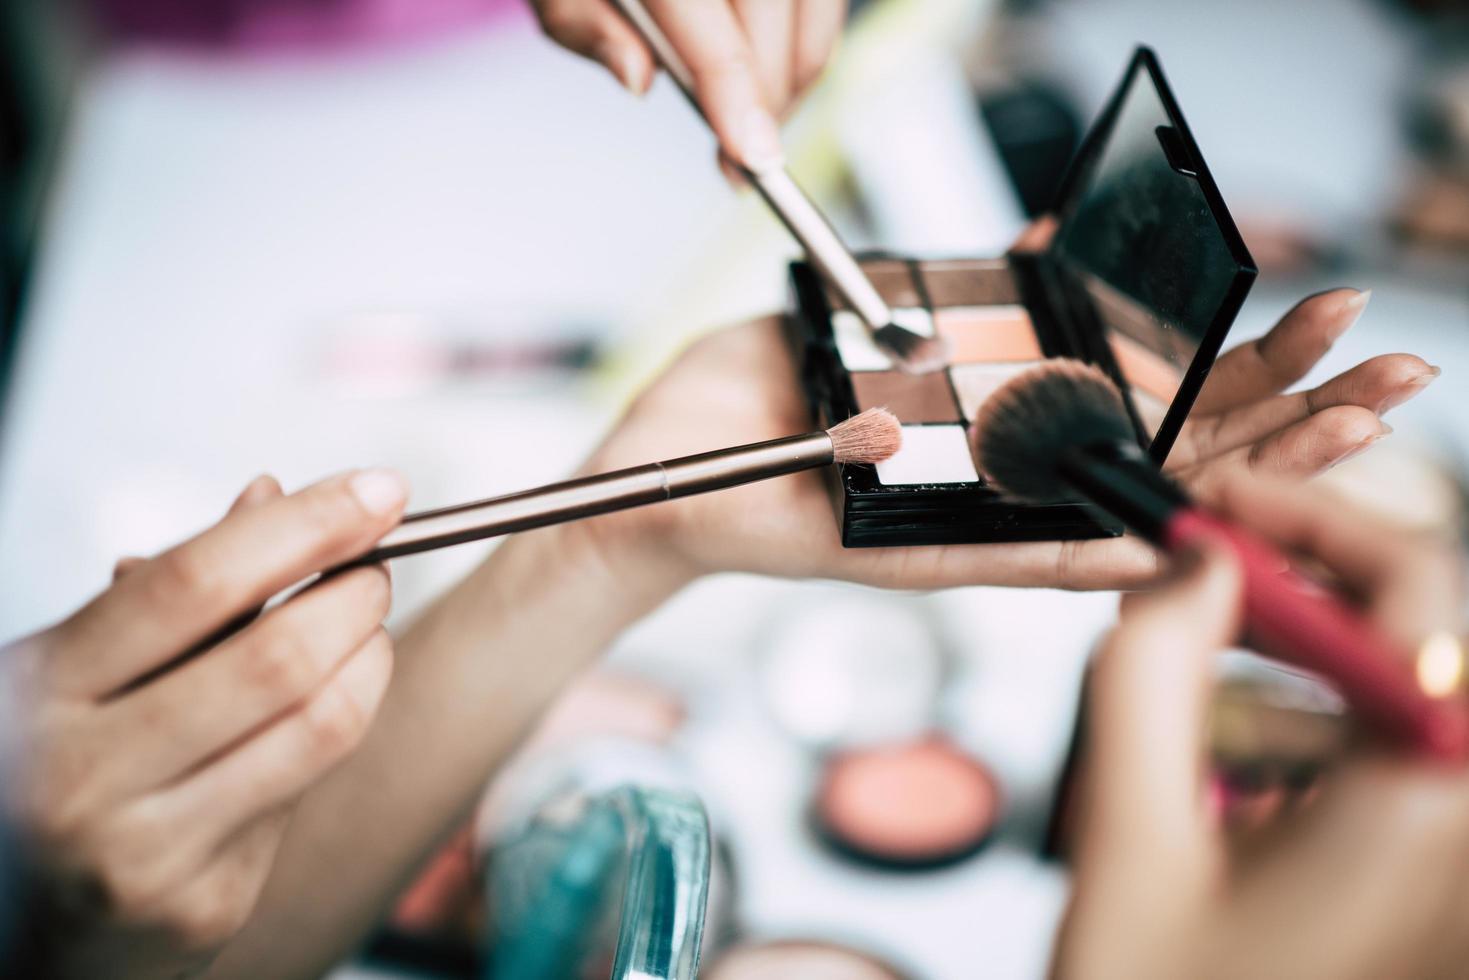 Frauen machen Make-up mit Pinseln und Kosmetikpuder foto